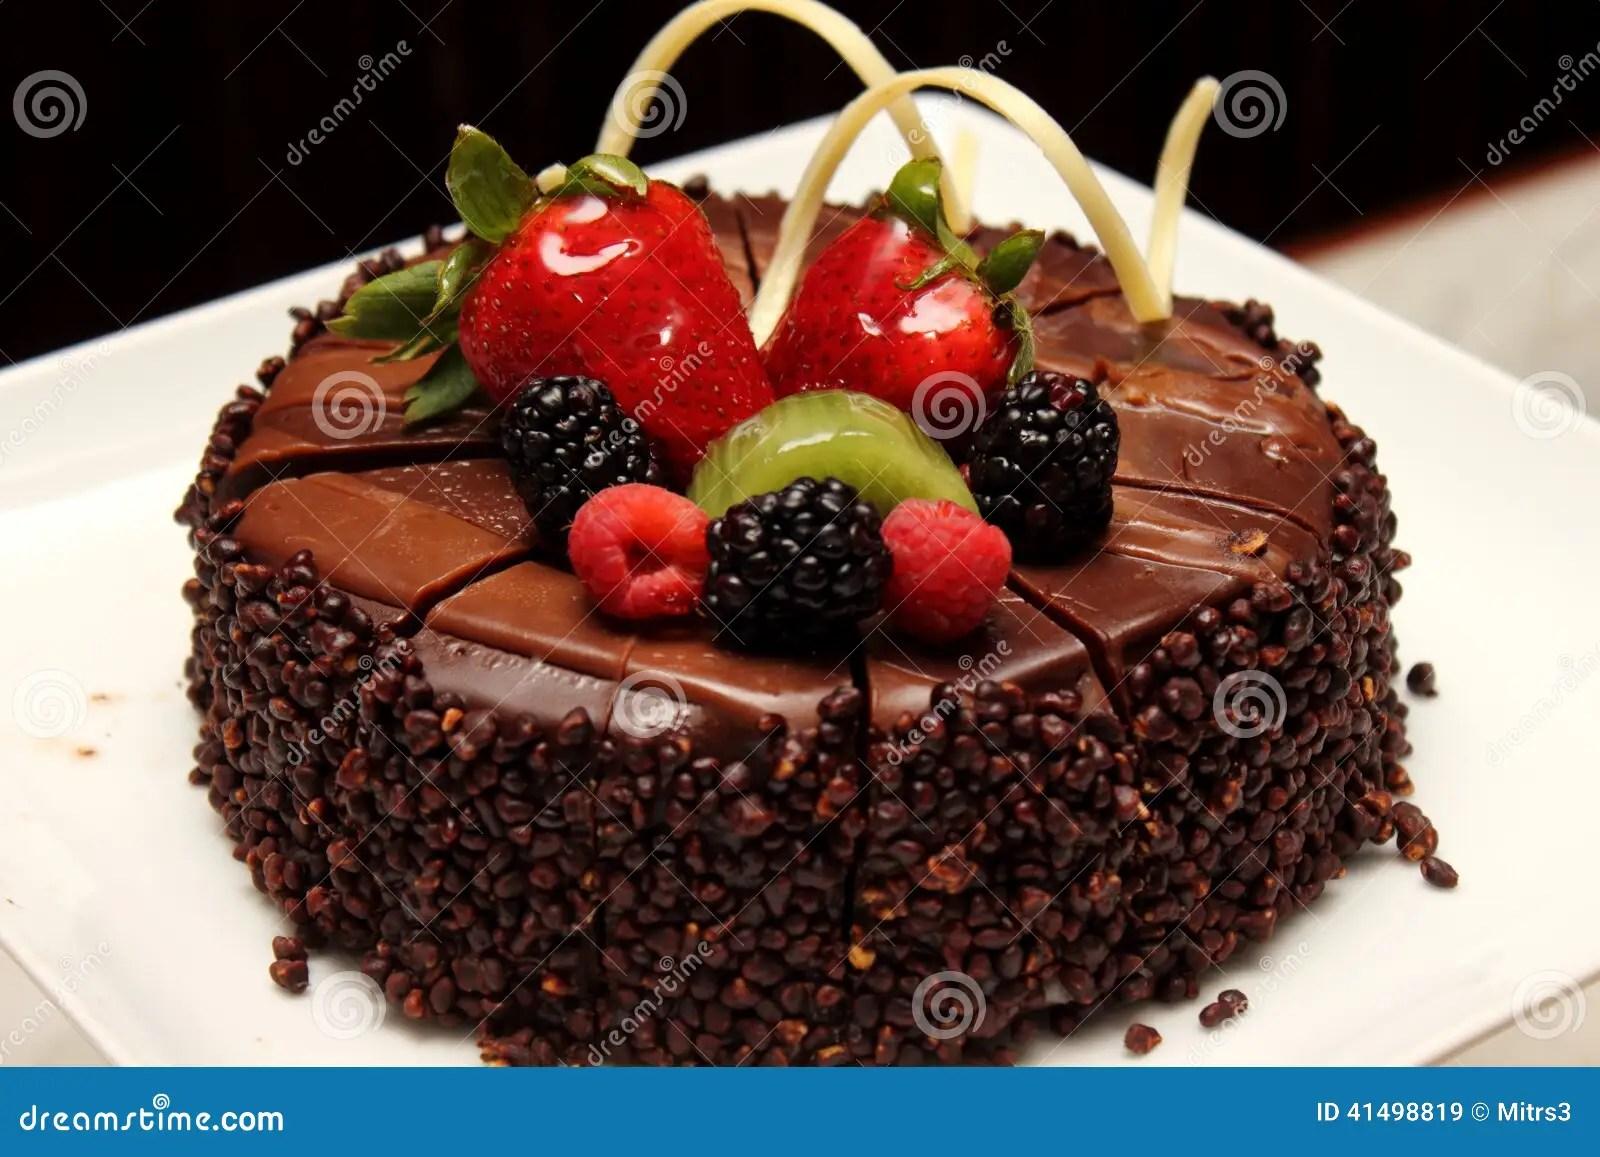 Chocolate Cake With Fresh Fruit Decoration Stock Image